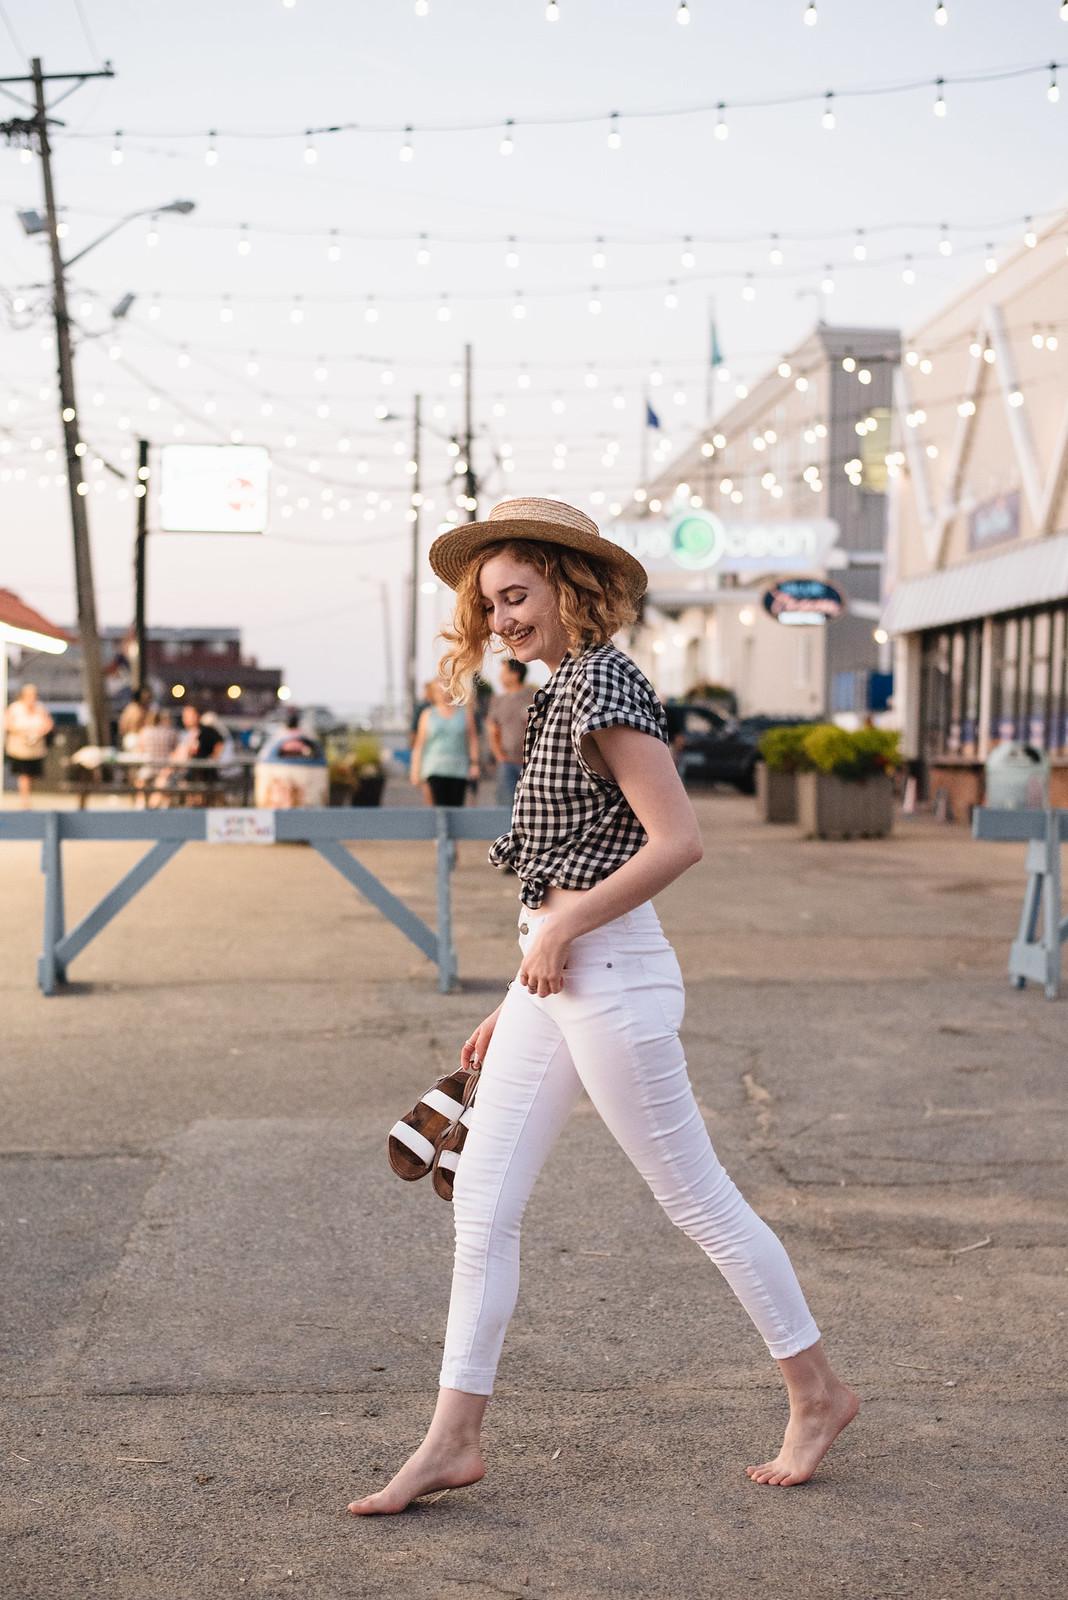 Gingham on the Boardwalk on juliettelaura.blogspot.com